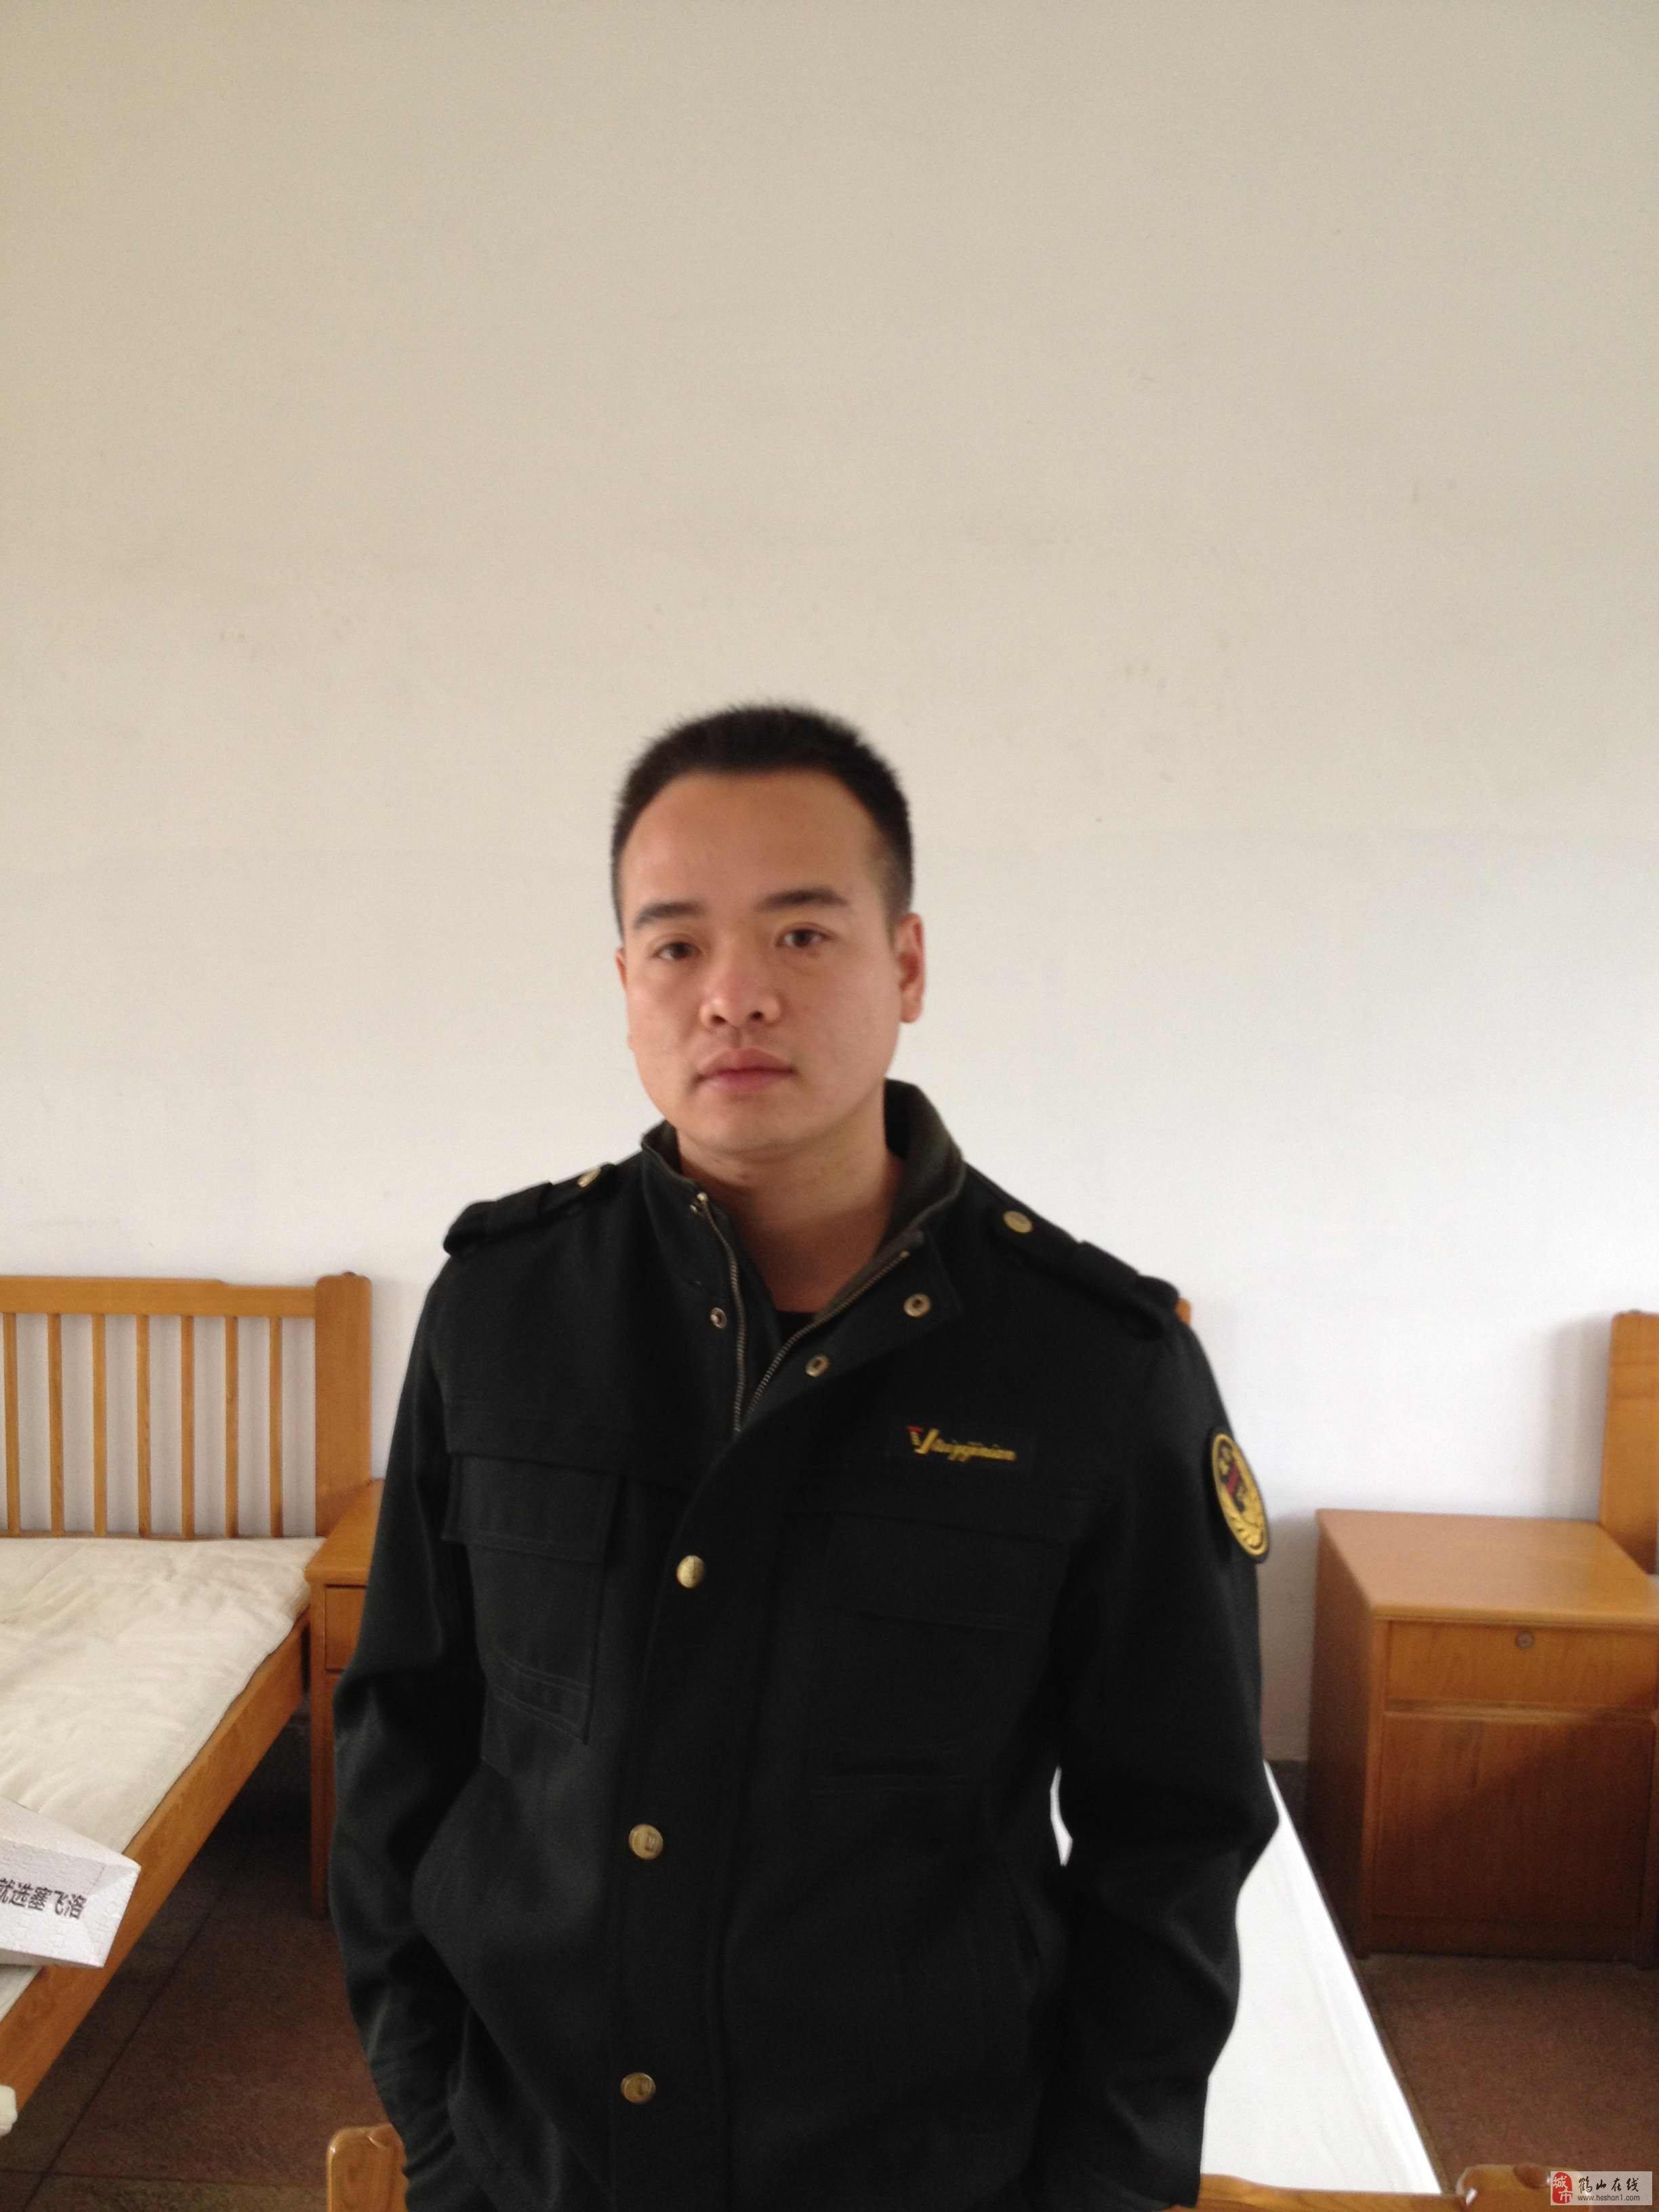 李嘉覹�e�gg�h��g,:h㹬-_李嘉伟(男,30岁)